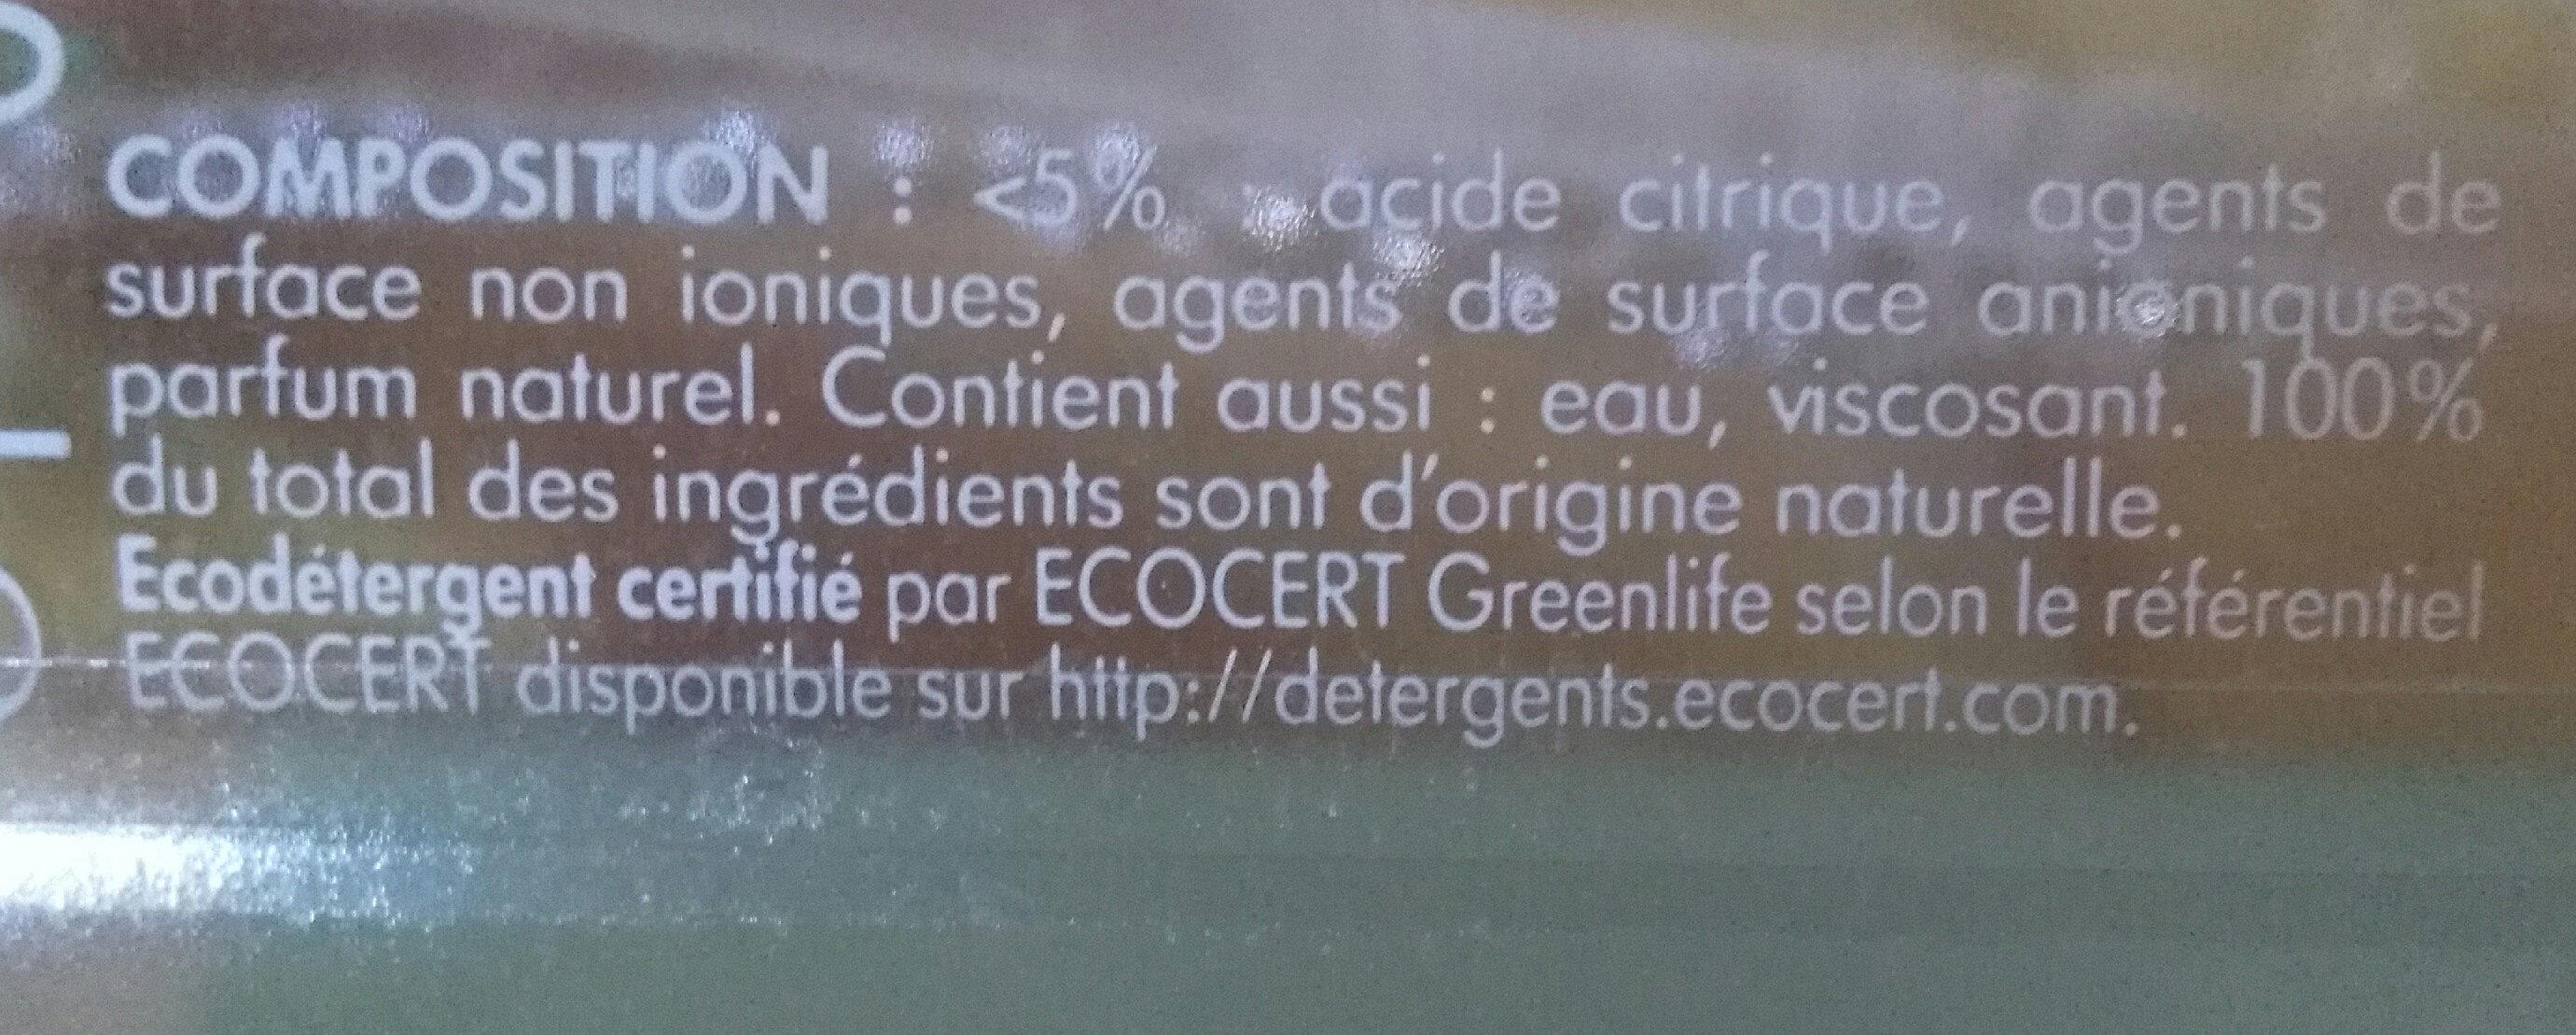 Nettoyant salle de bain anticalcaire - Ingrédients - fr